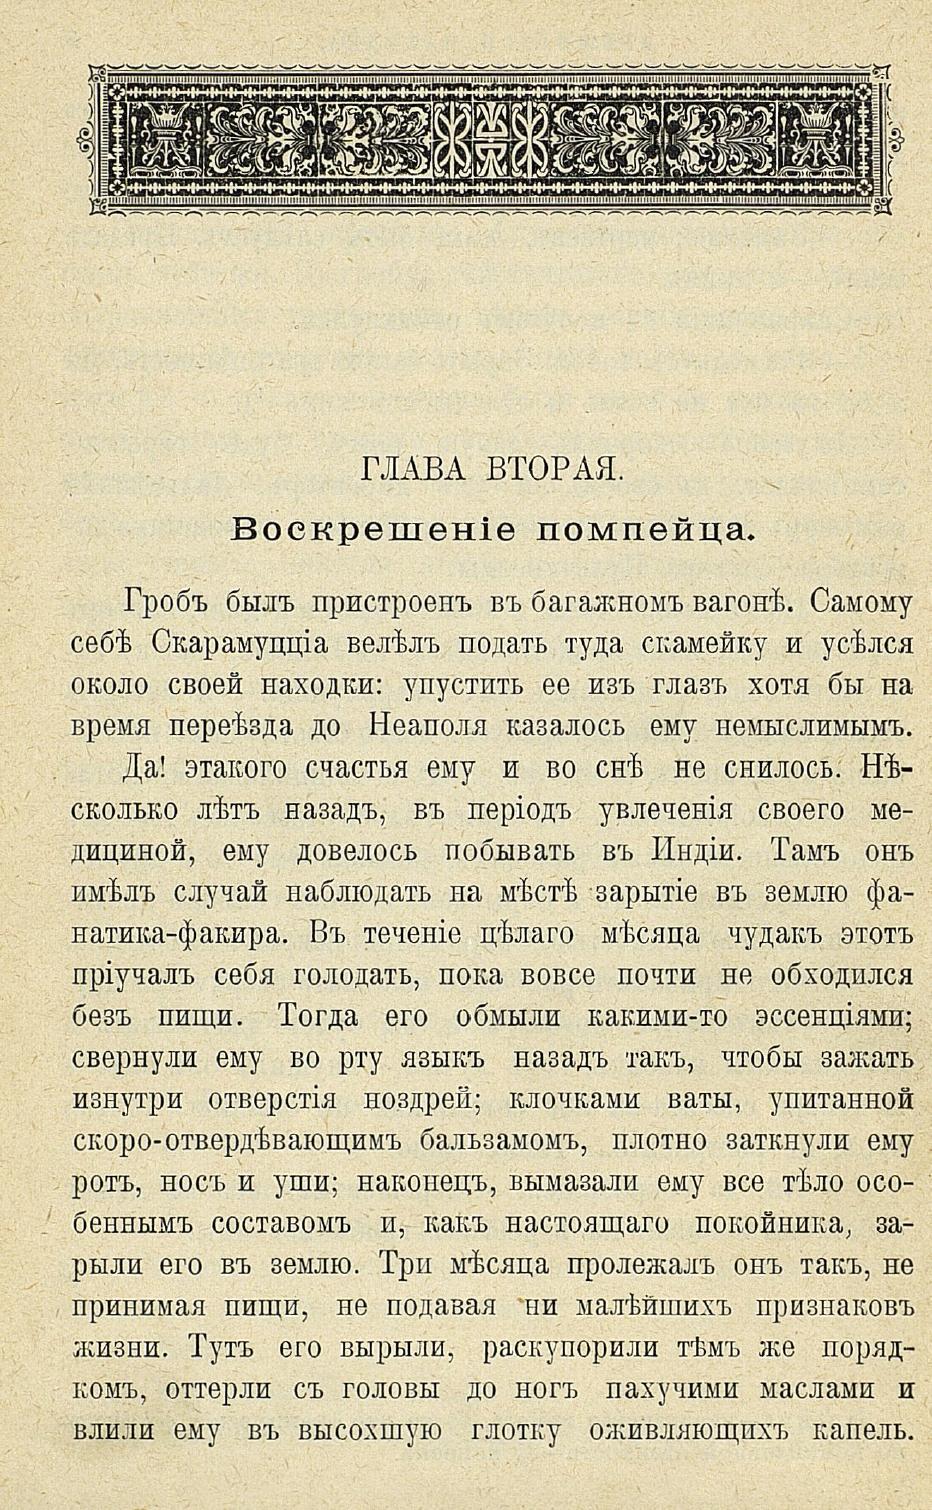 http://images.vfl.ru/ii/1407084889/48db38a4/5887473.jpg